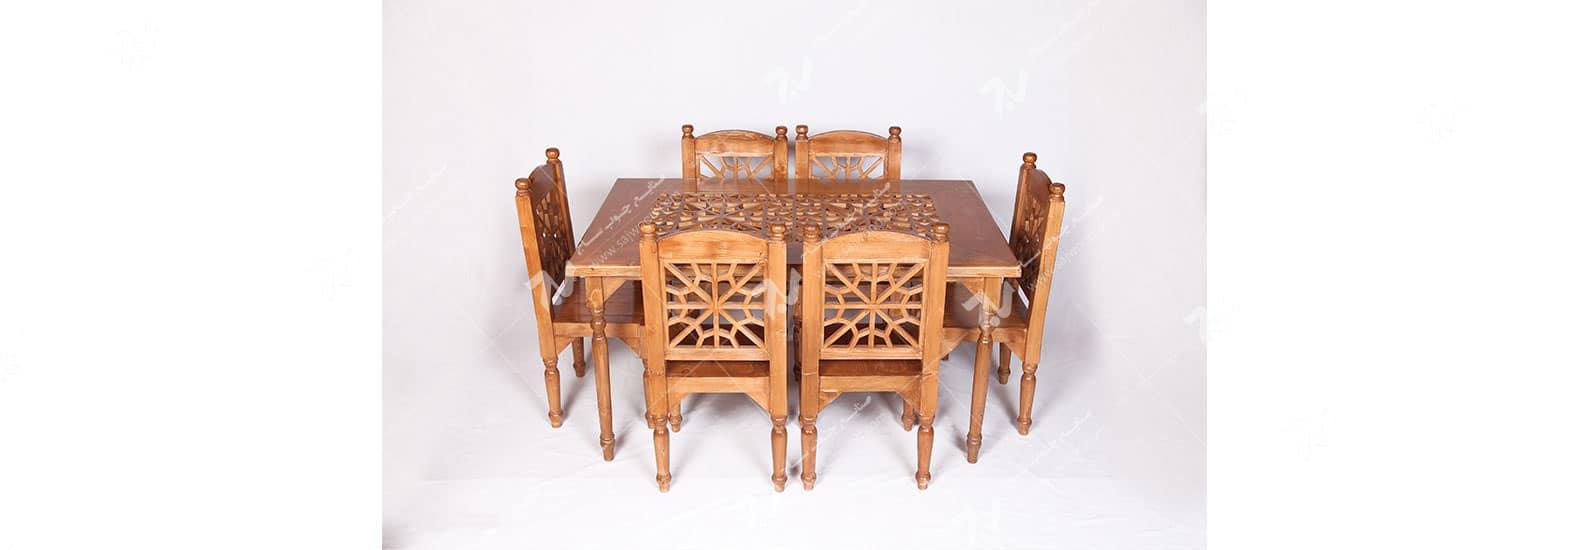 میز و صندلی غذاخوری ( ناهارخوری ) 6 نفره چوبی سنتی گره چینی مشبک - سمن کد۳۰۱